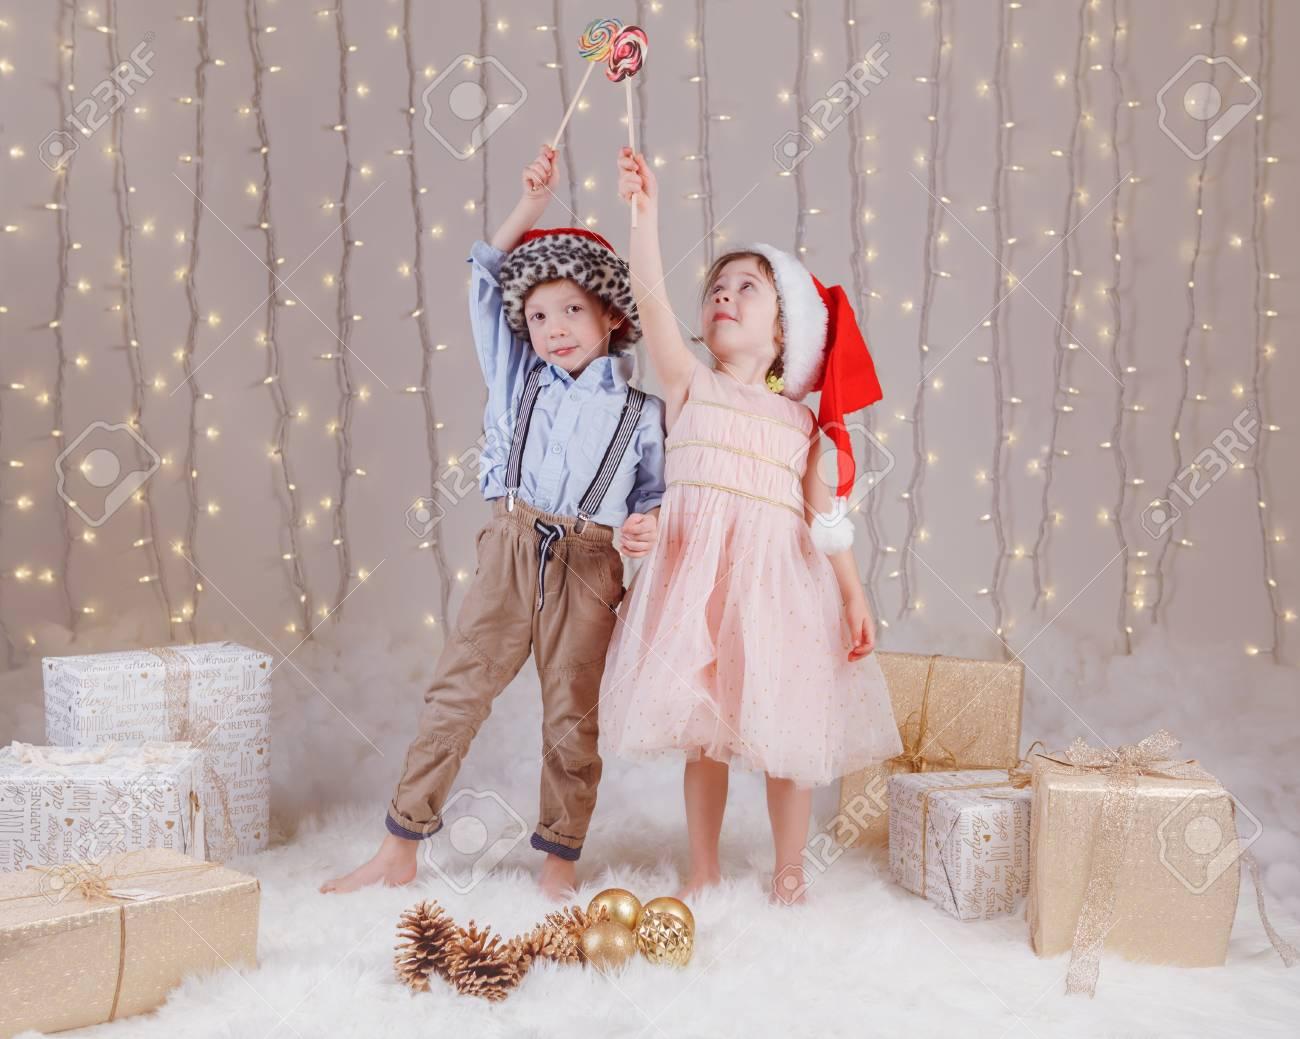 af94ea1073de0 Portrait of white Caucasian children friends wearing Santa Claus hats